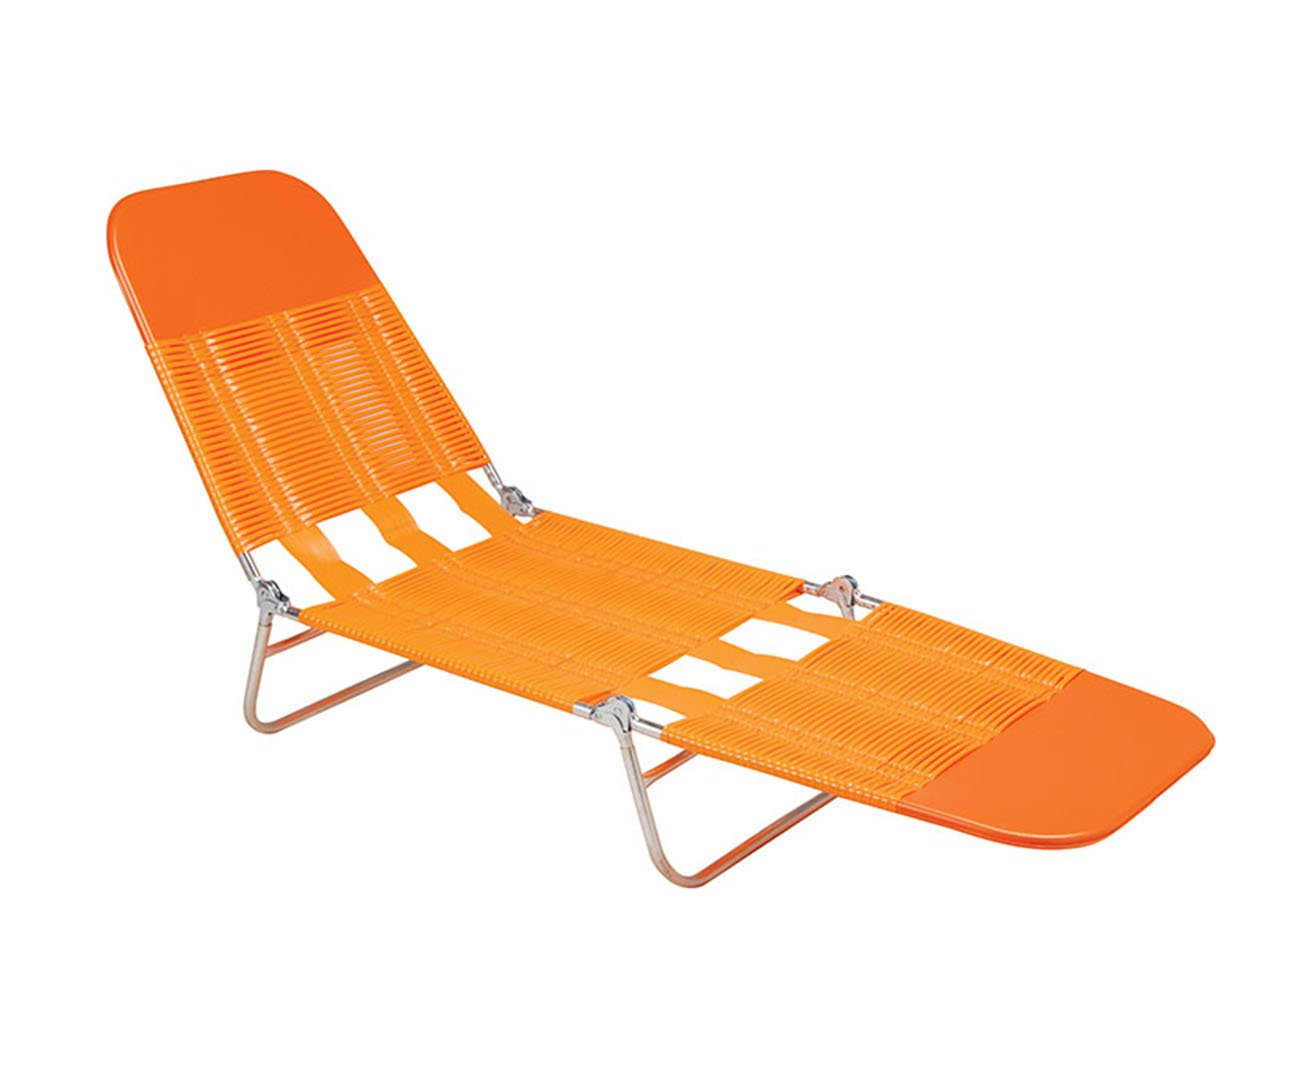 Cadeira Espreguiçadeira Pvc Laranja - Mor